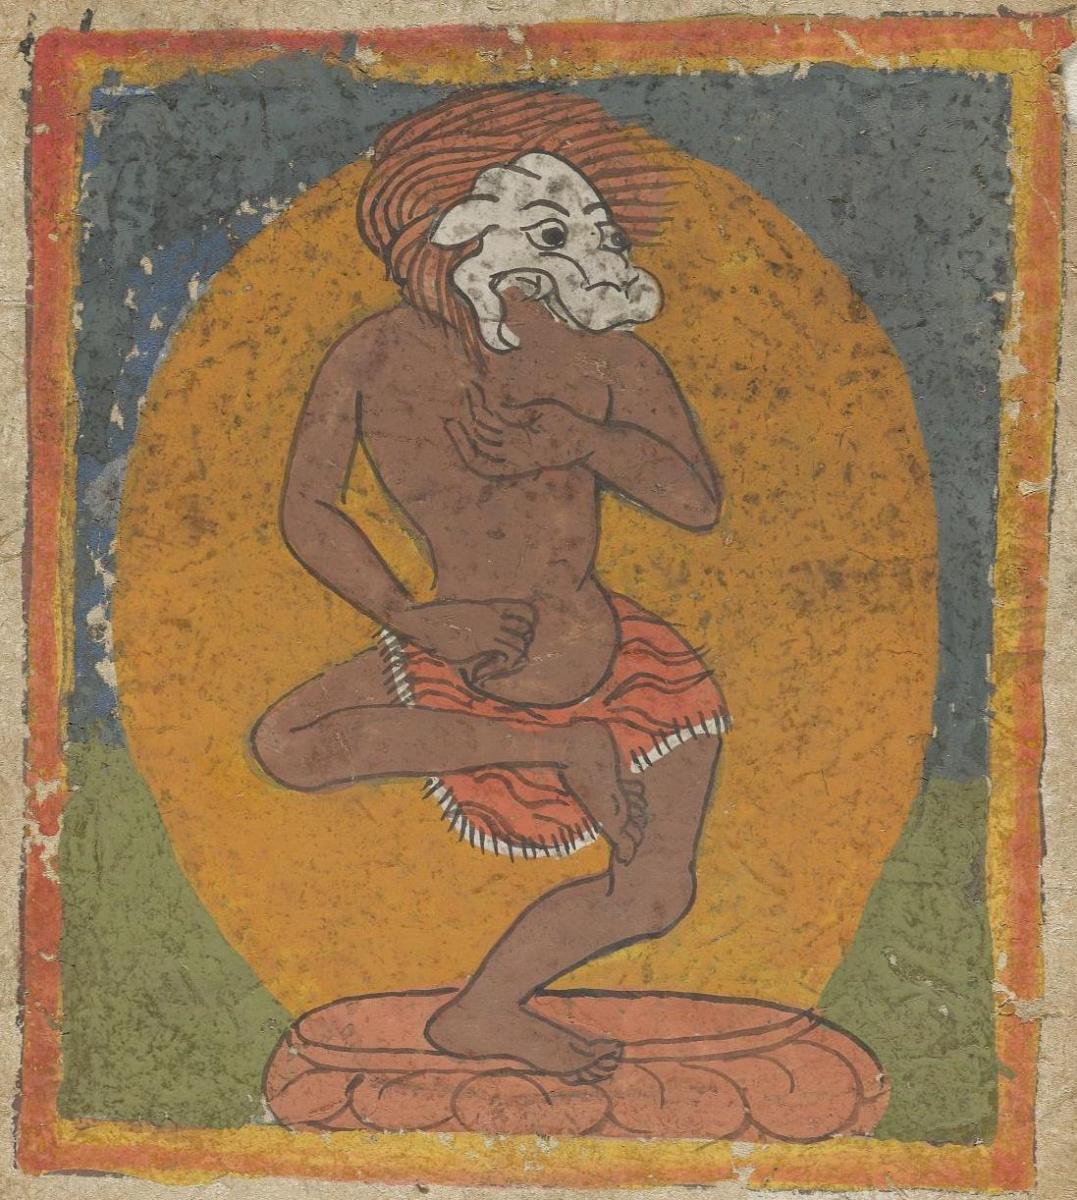 Unknown artist. The deity of the Tibetan Bon religion. Card 9